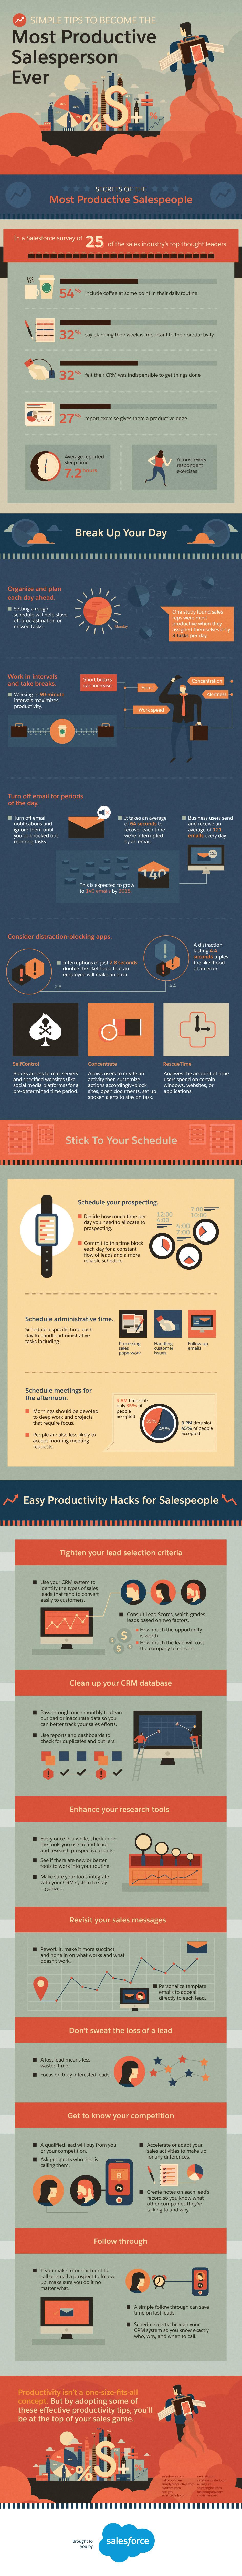 Tips voor productiviteit van sales medewerkers